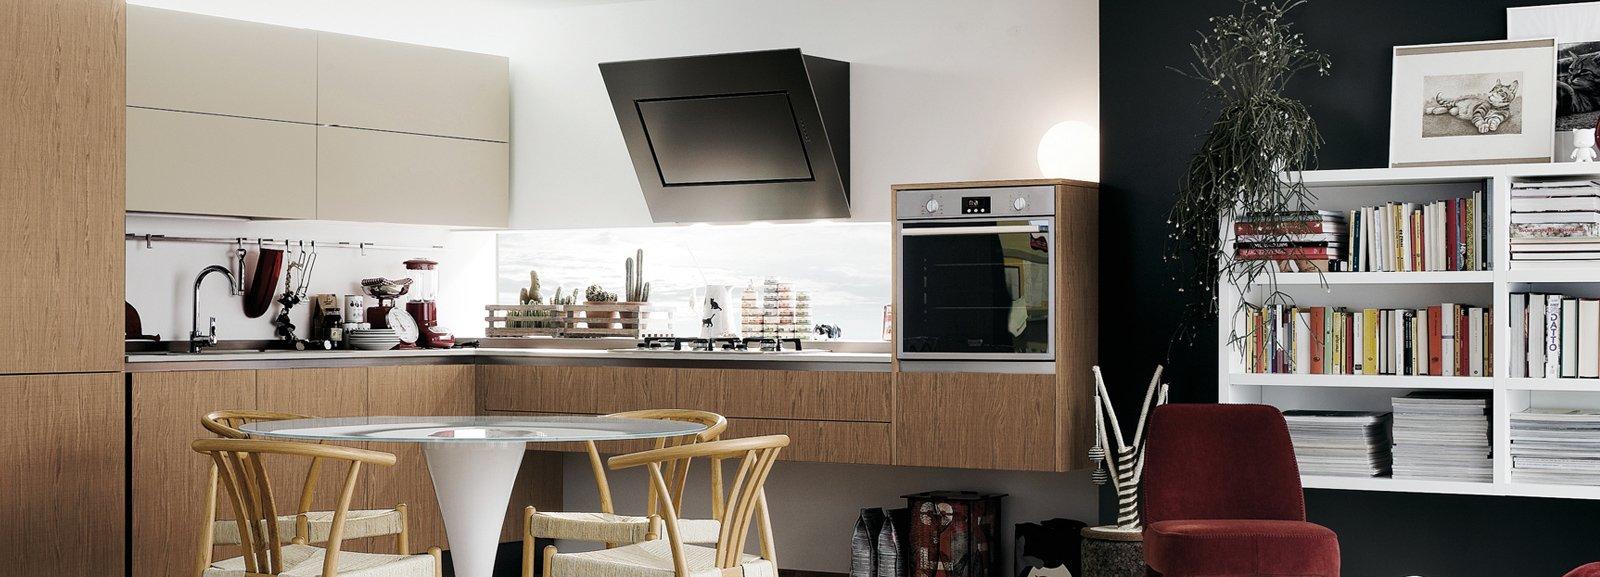 Impianti per la cucina che cosa c da sapere cose di casa - Certificazione impianti casa ...